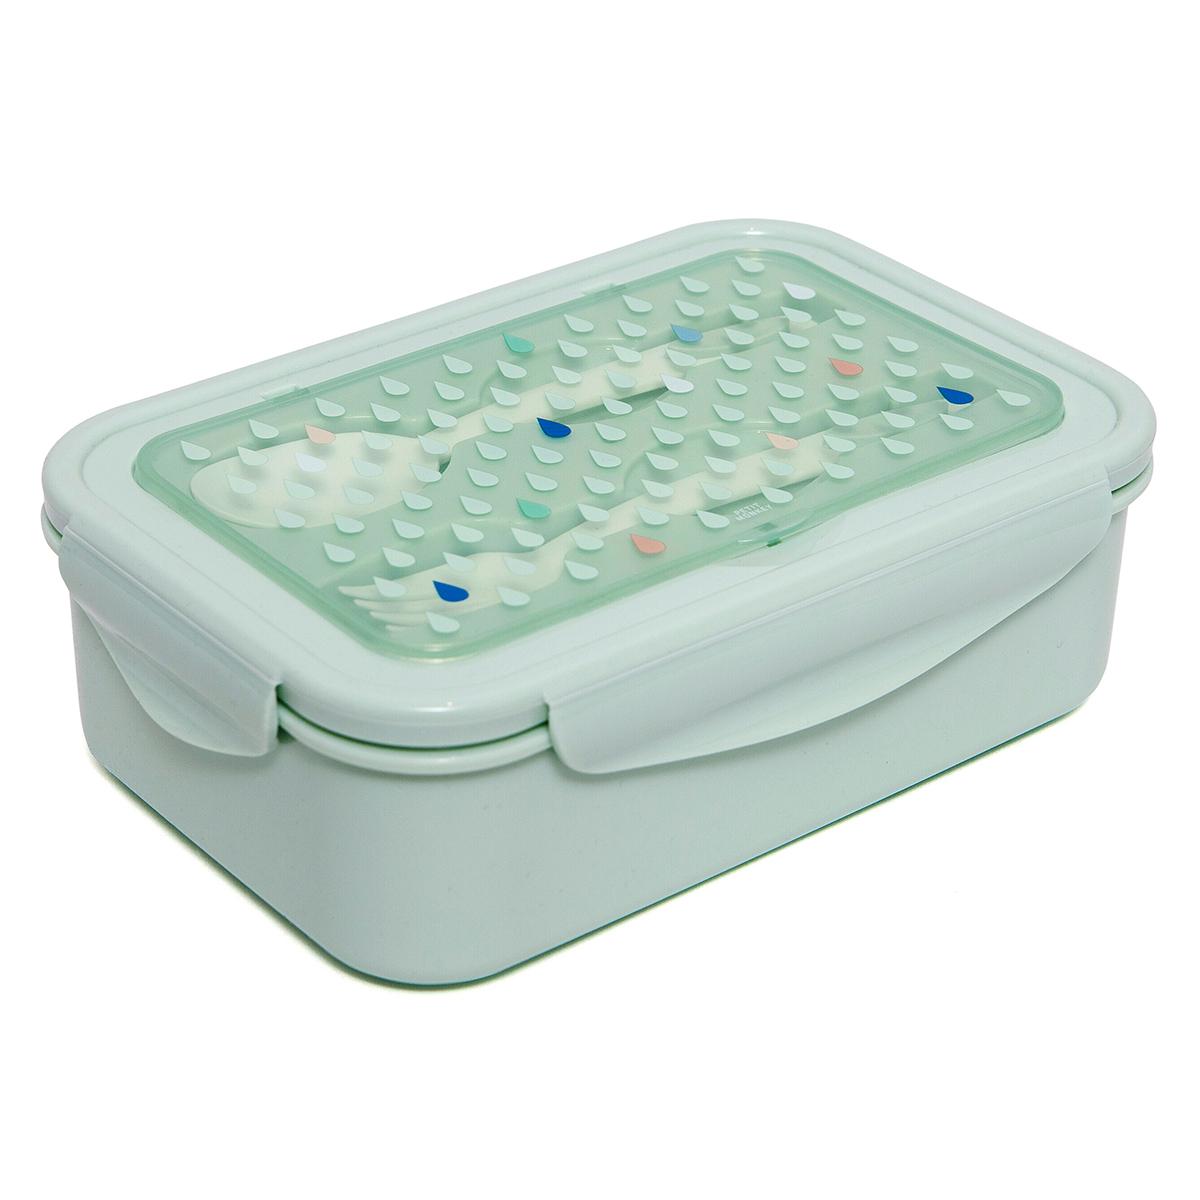 Vaisselle & Couvert Lunchbox avec Couverts - Vert Lunchbox avec Couverts - Vert